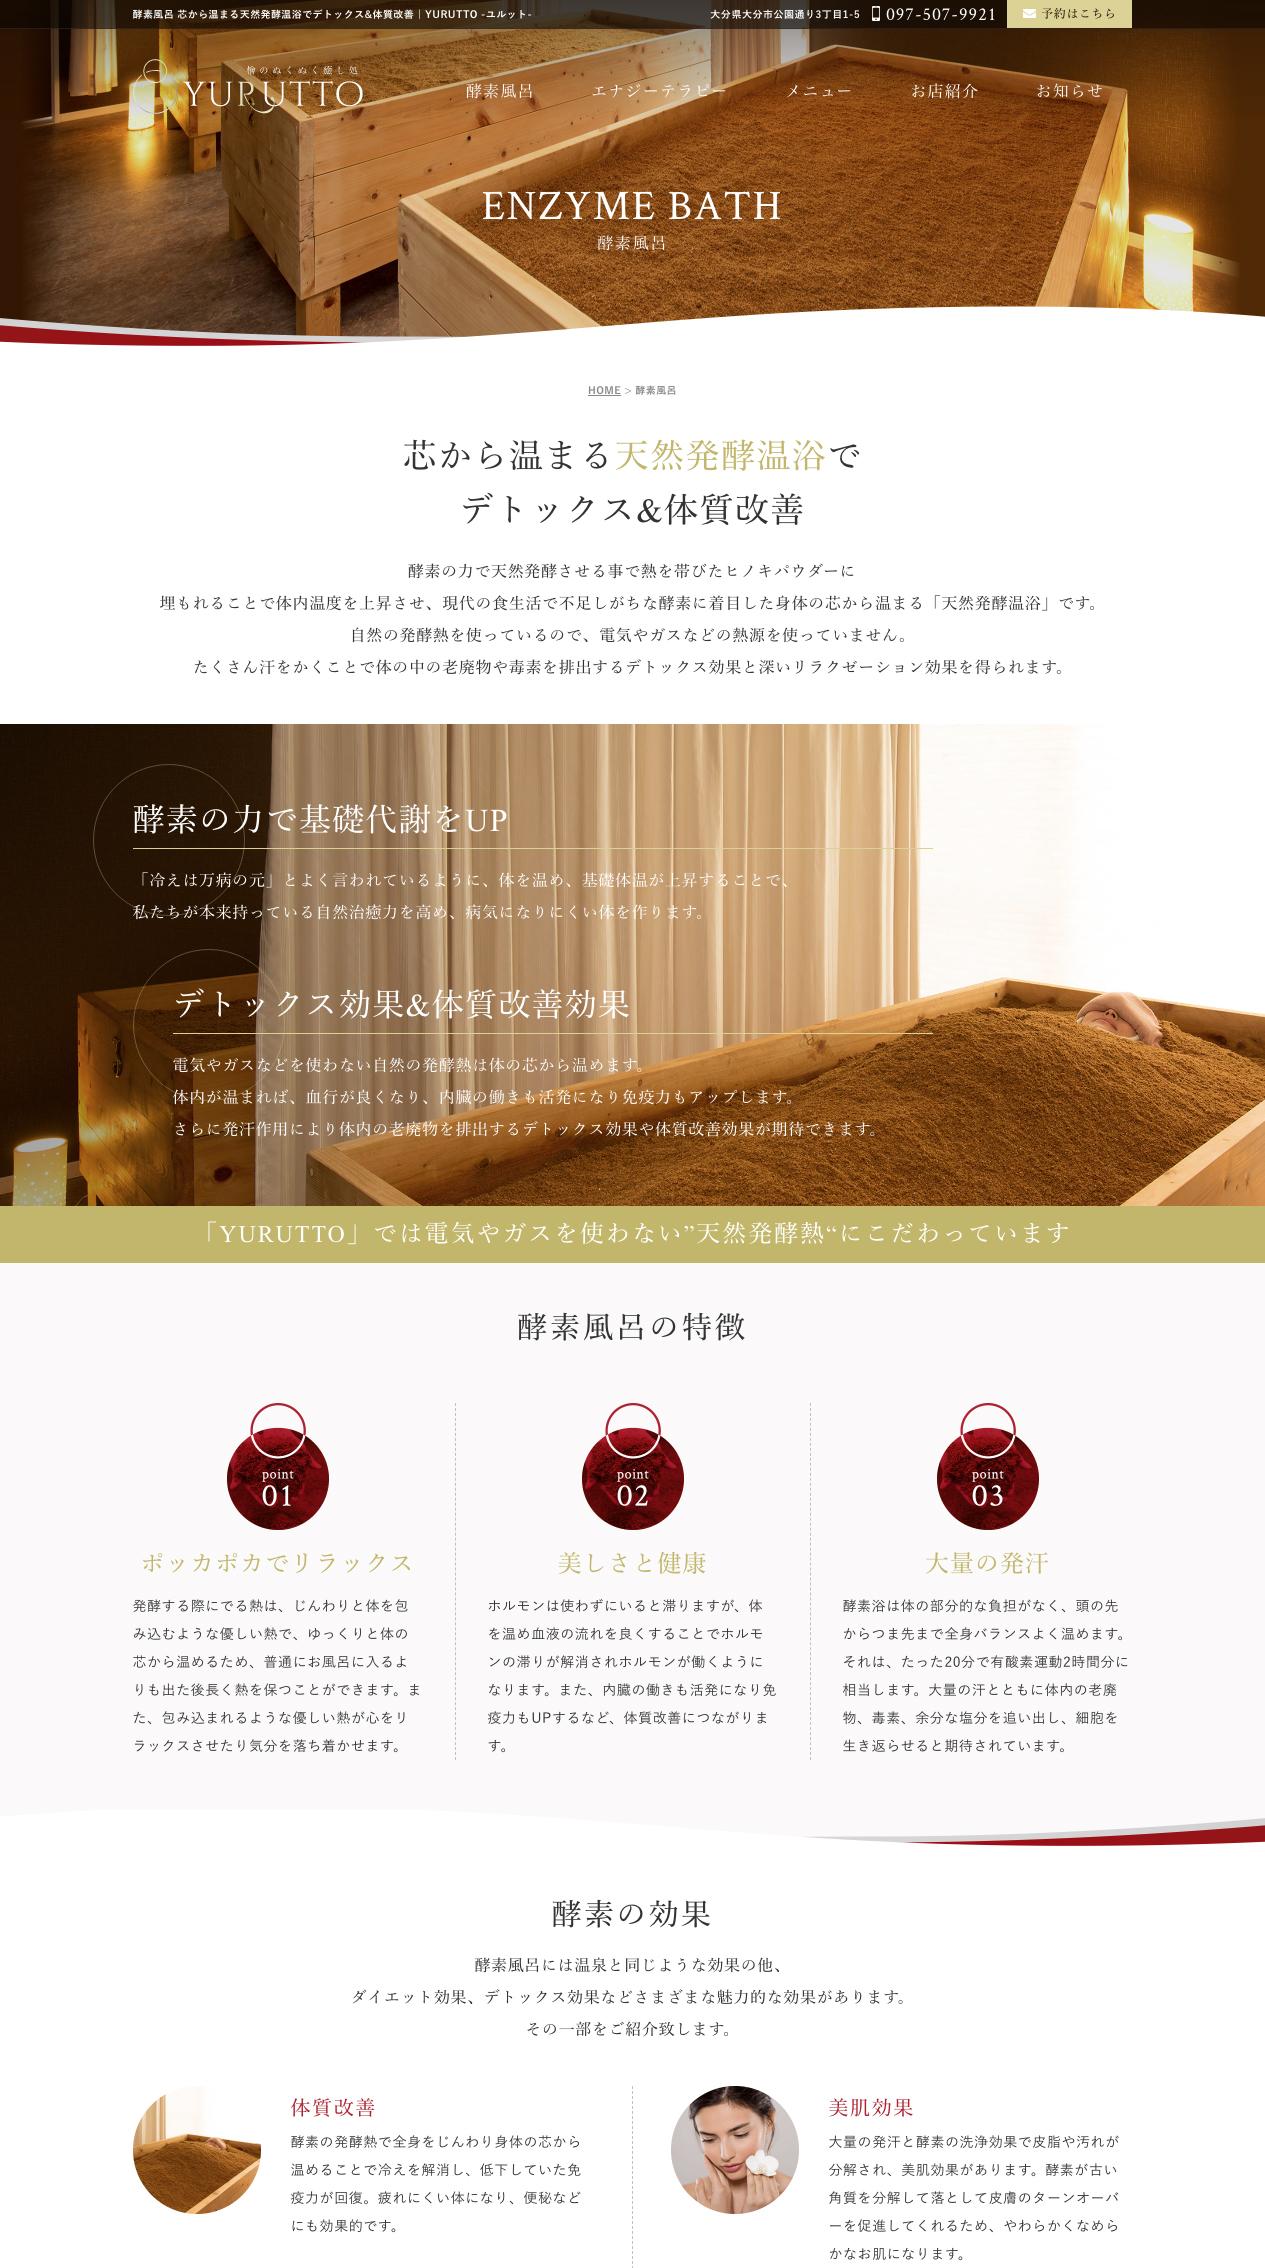 檜のぬくぬく癒し処 YURUTTO 様のホームページ